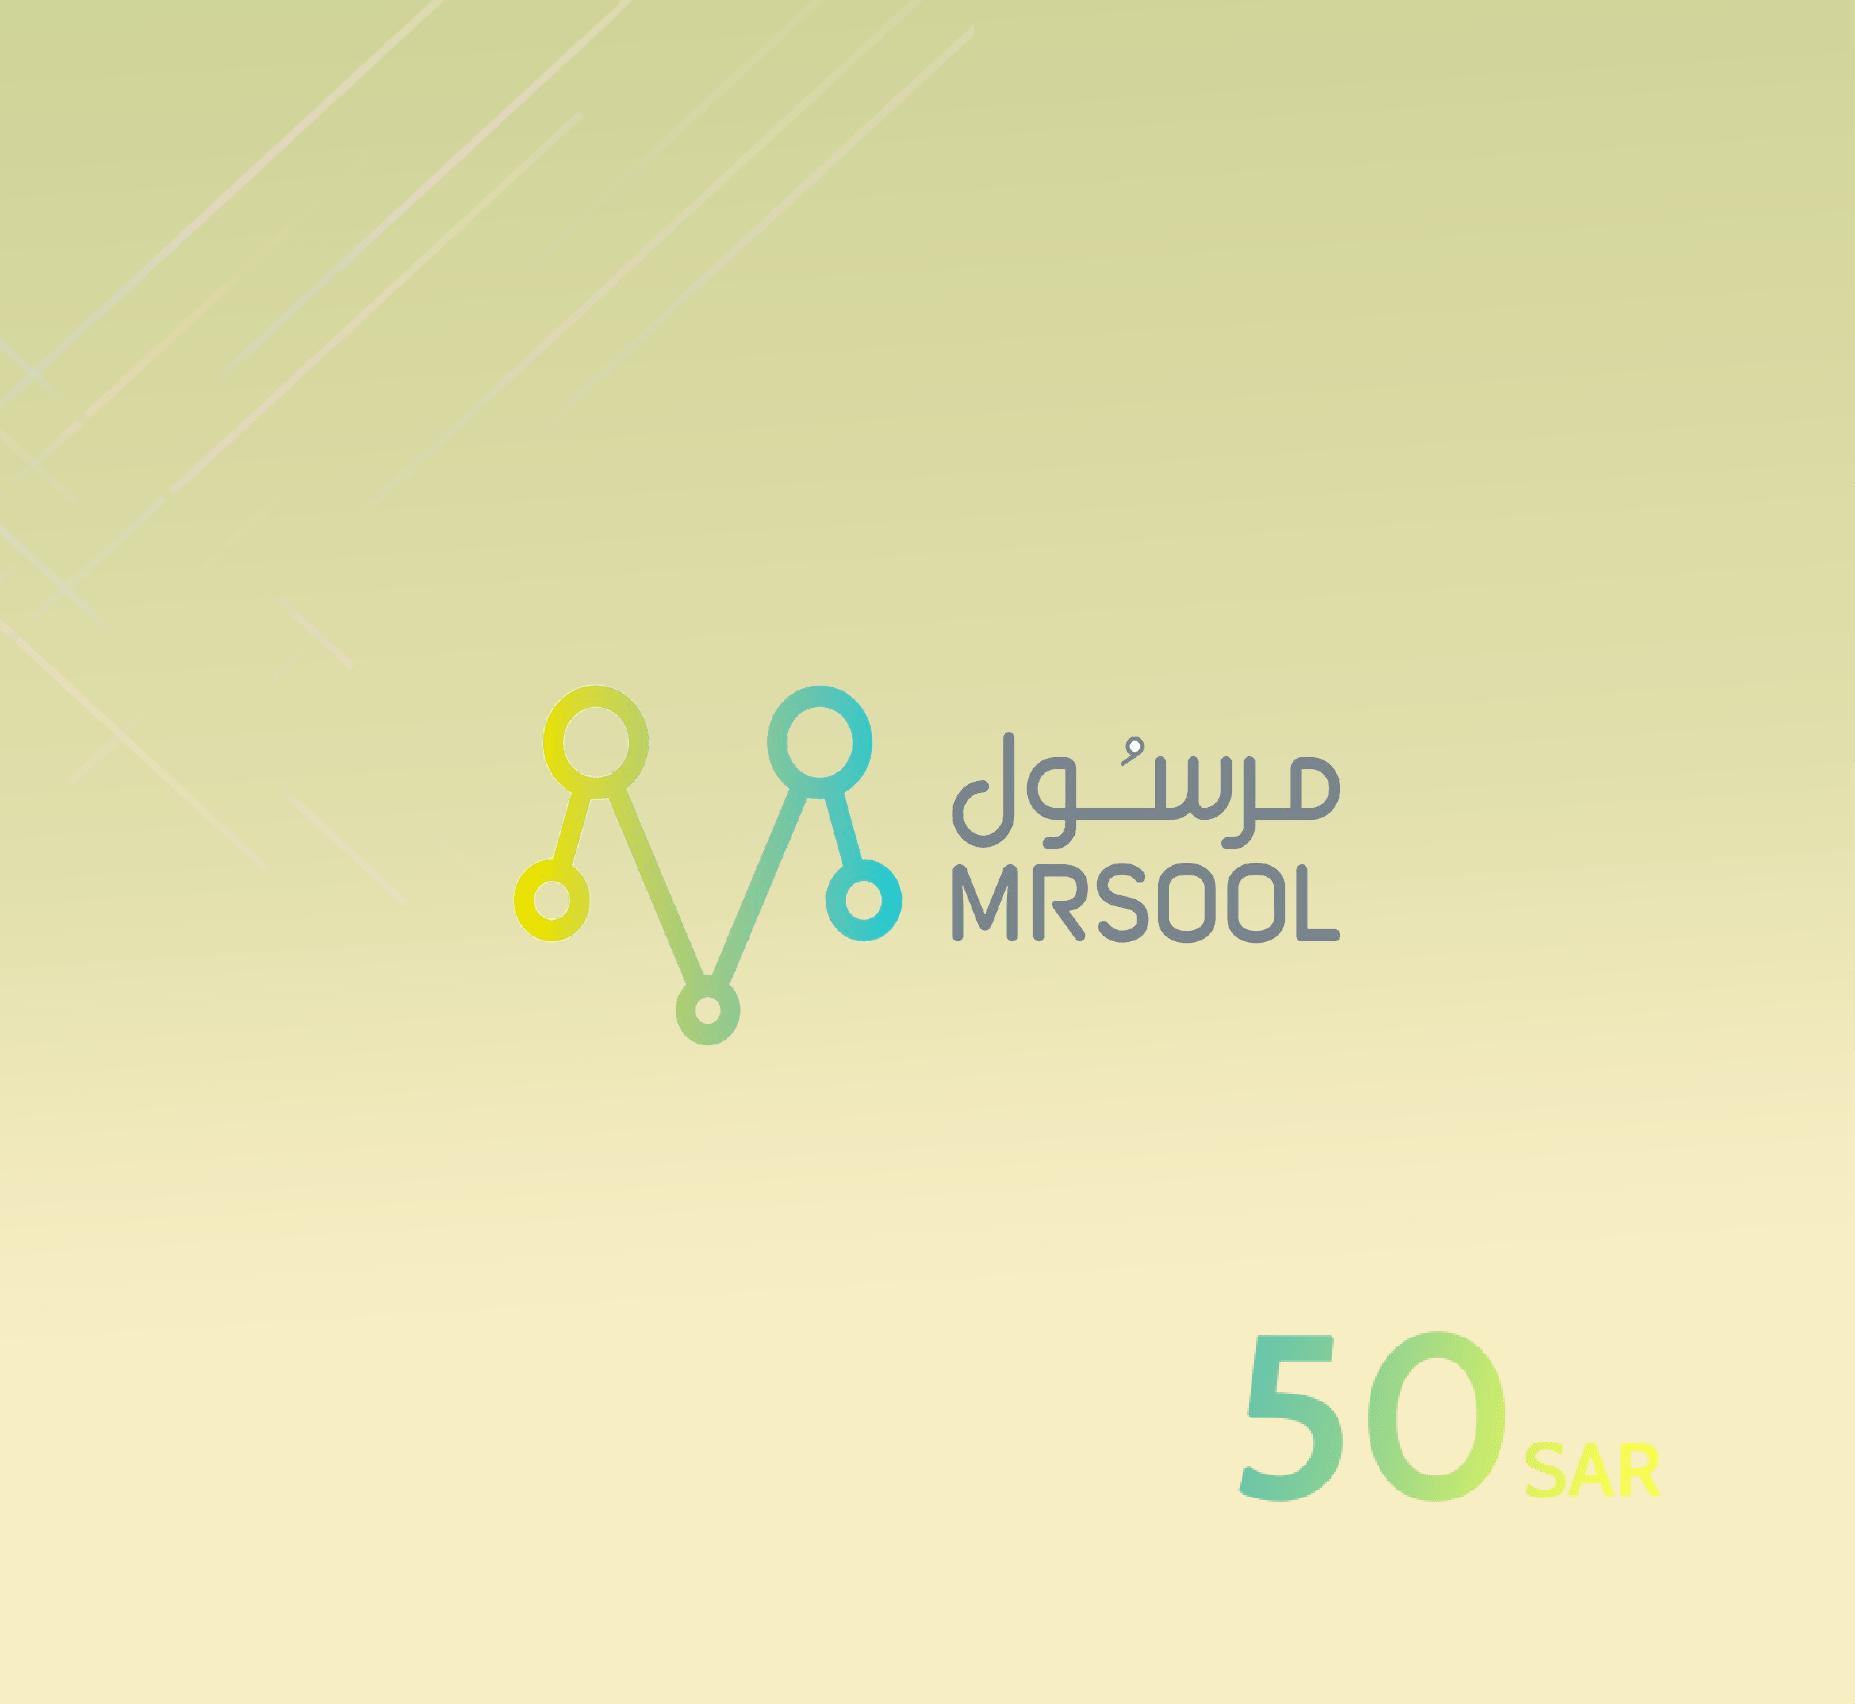 MRSOOL VOUCHER 50 SAR